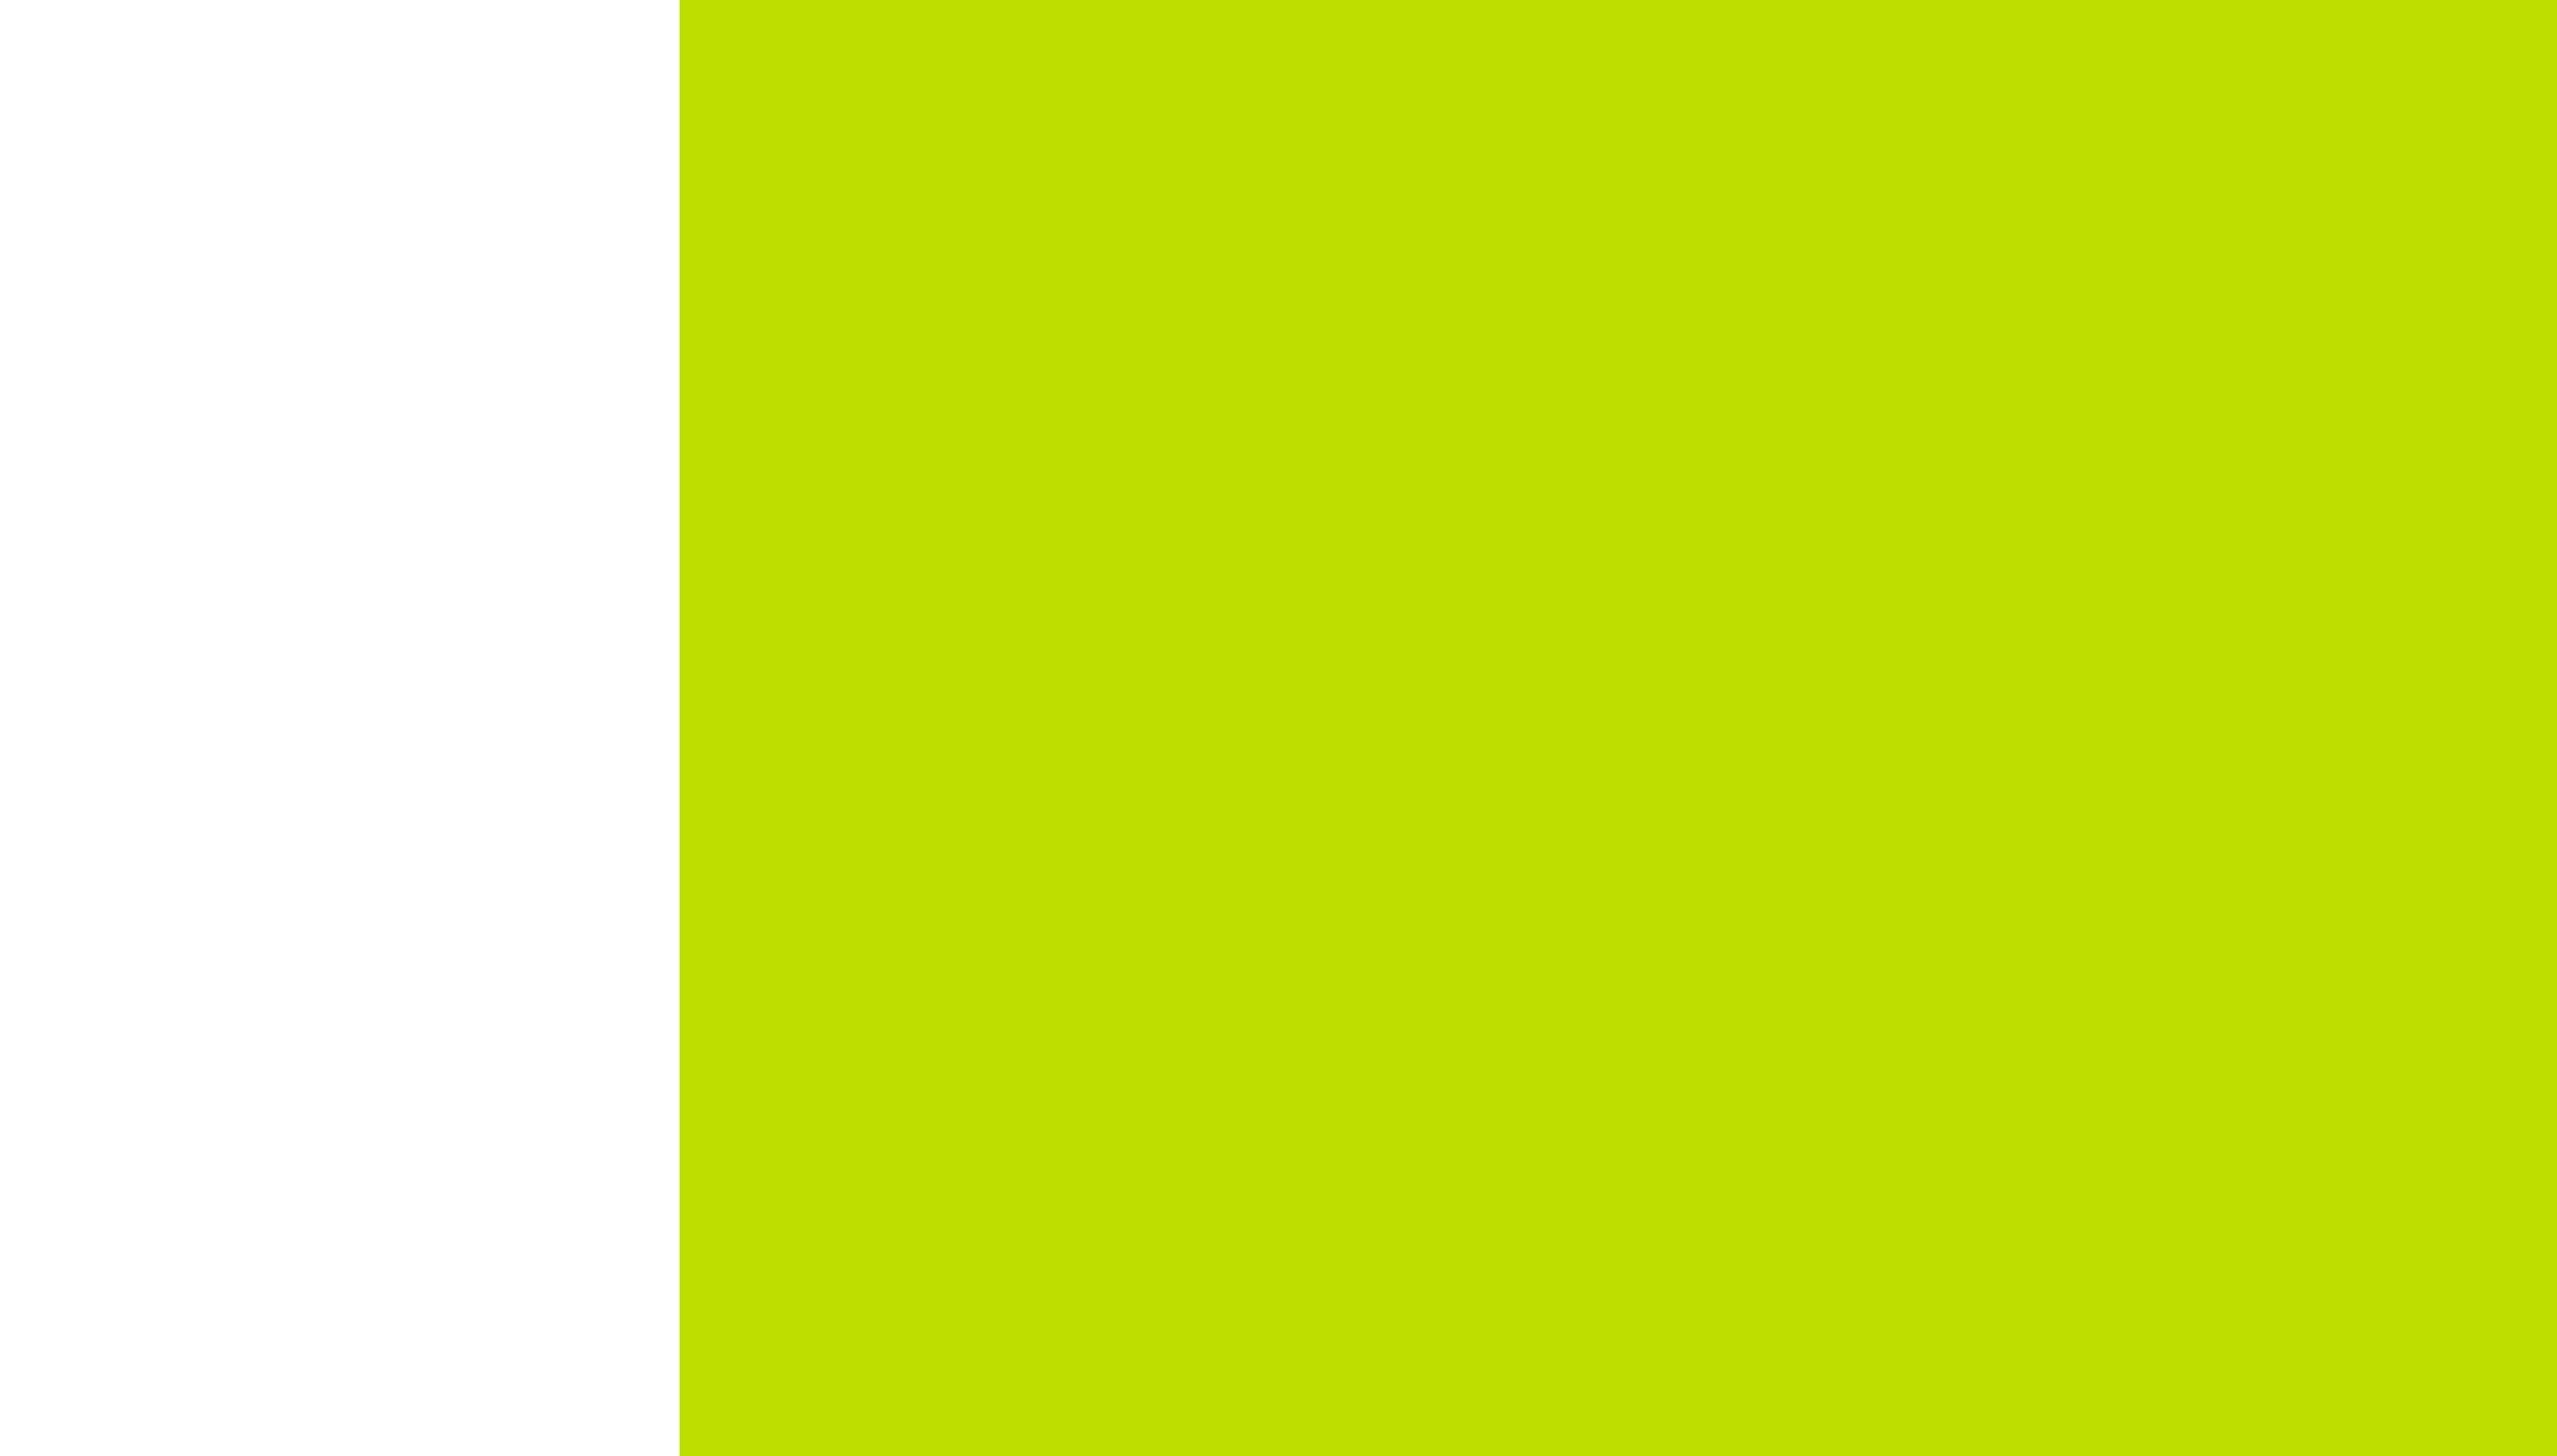 bg-green-slide